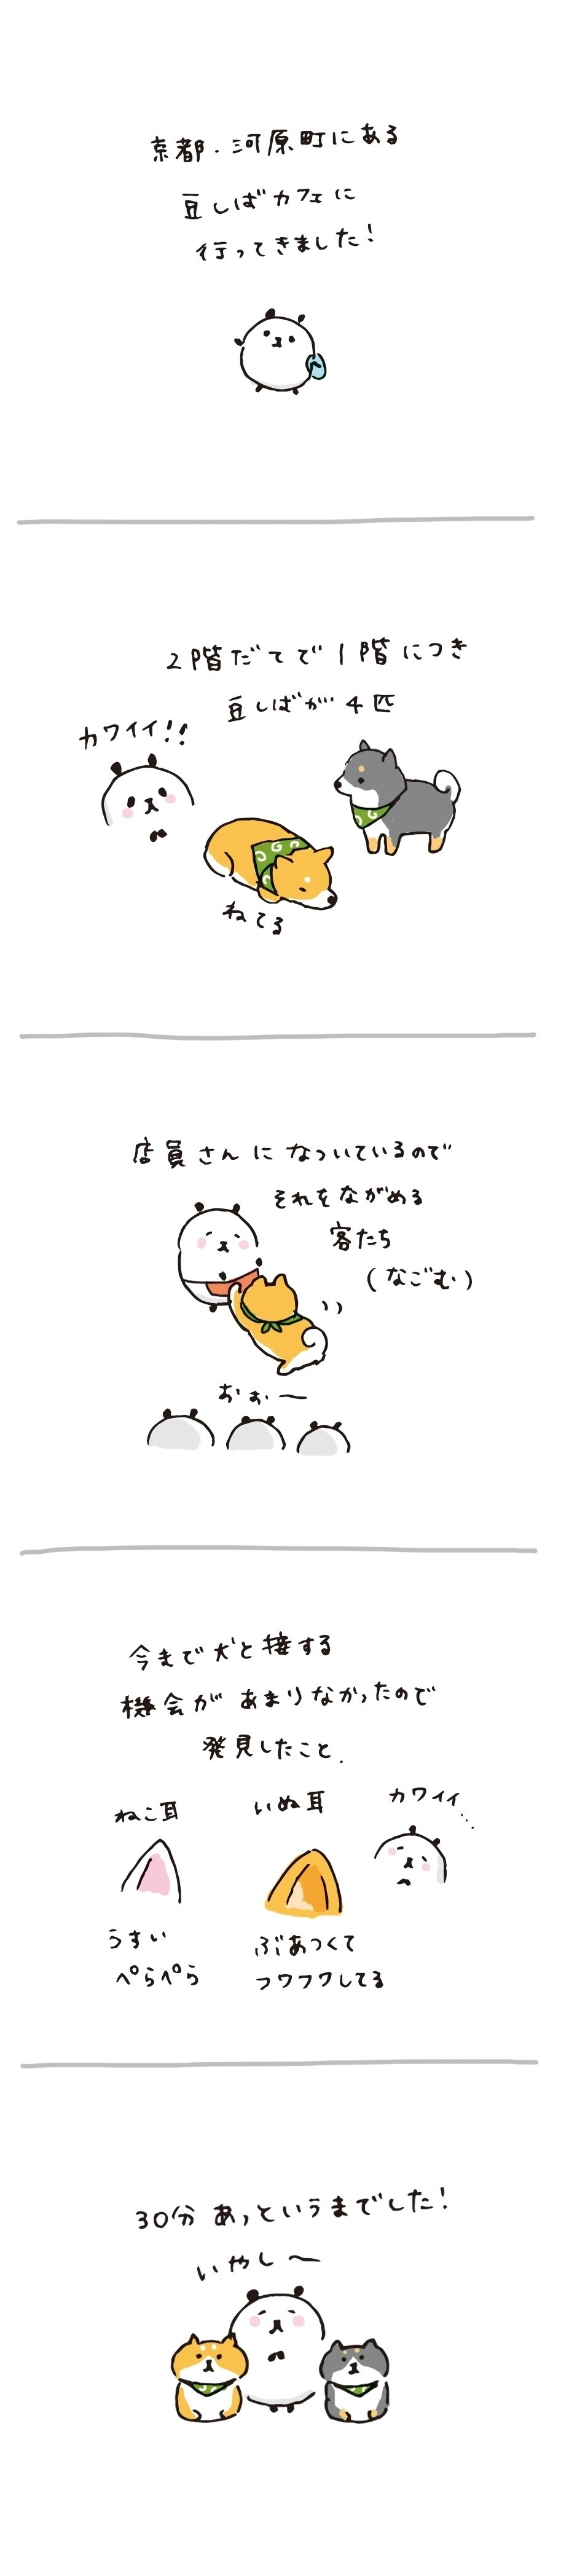 #カフェ #柴犬 #豆柴カフェ #イラスト